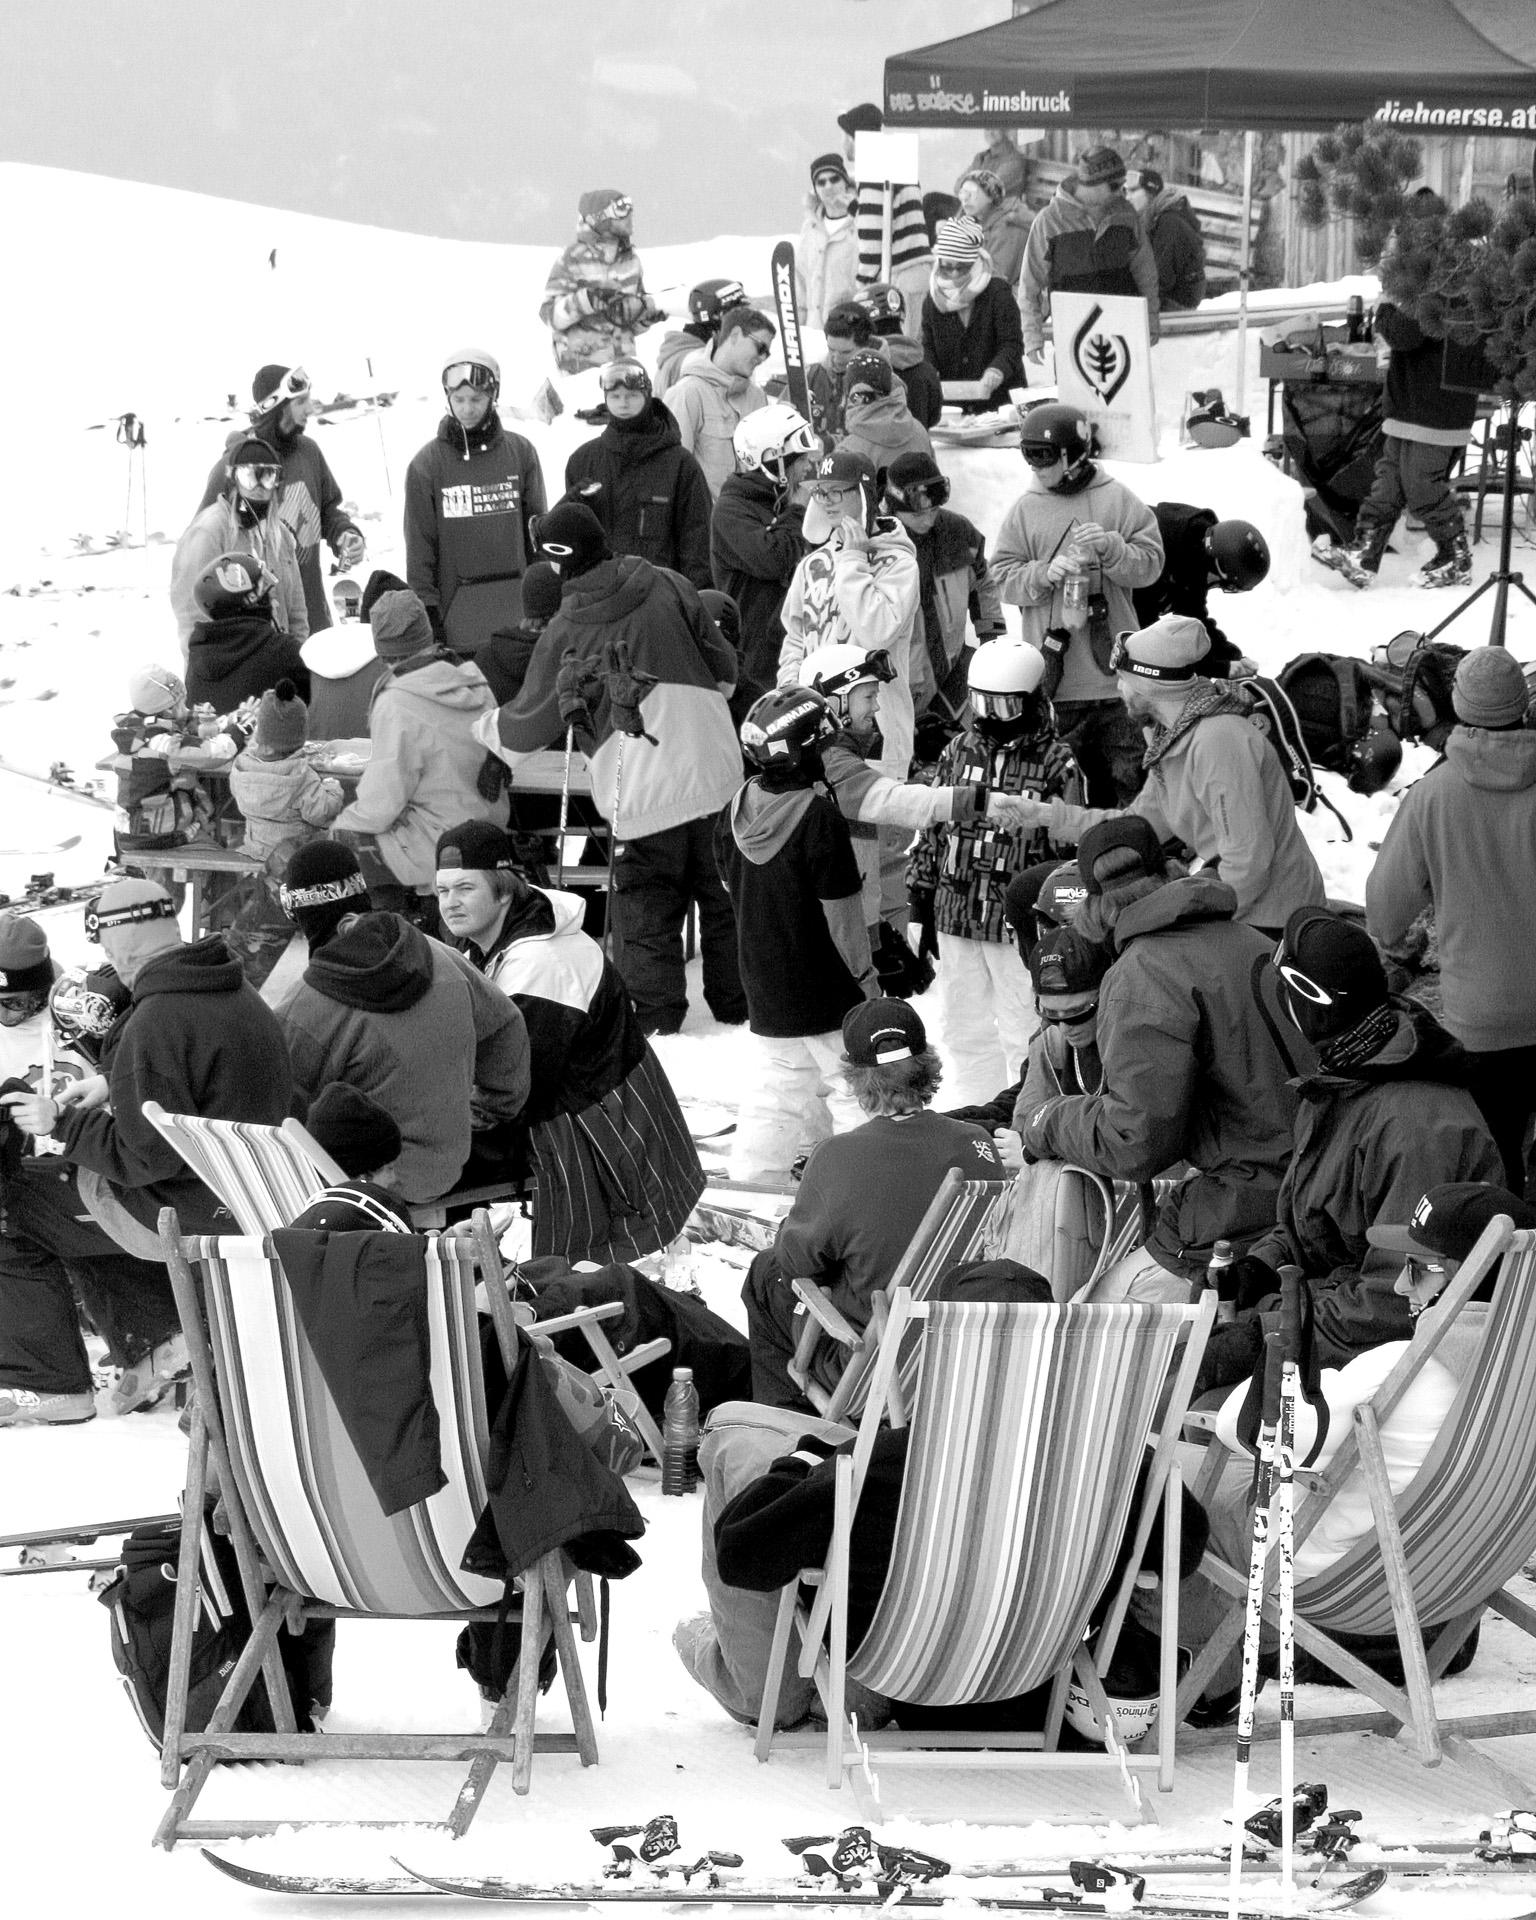 Entspannte Atmosphäre mit den richtigen Vibes warten während den Events auf Euch - Foto: Glungezerparks